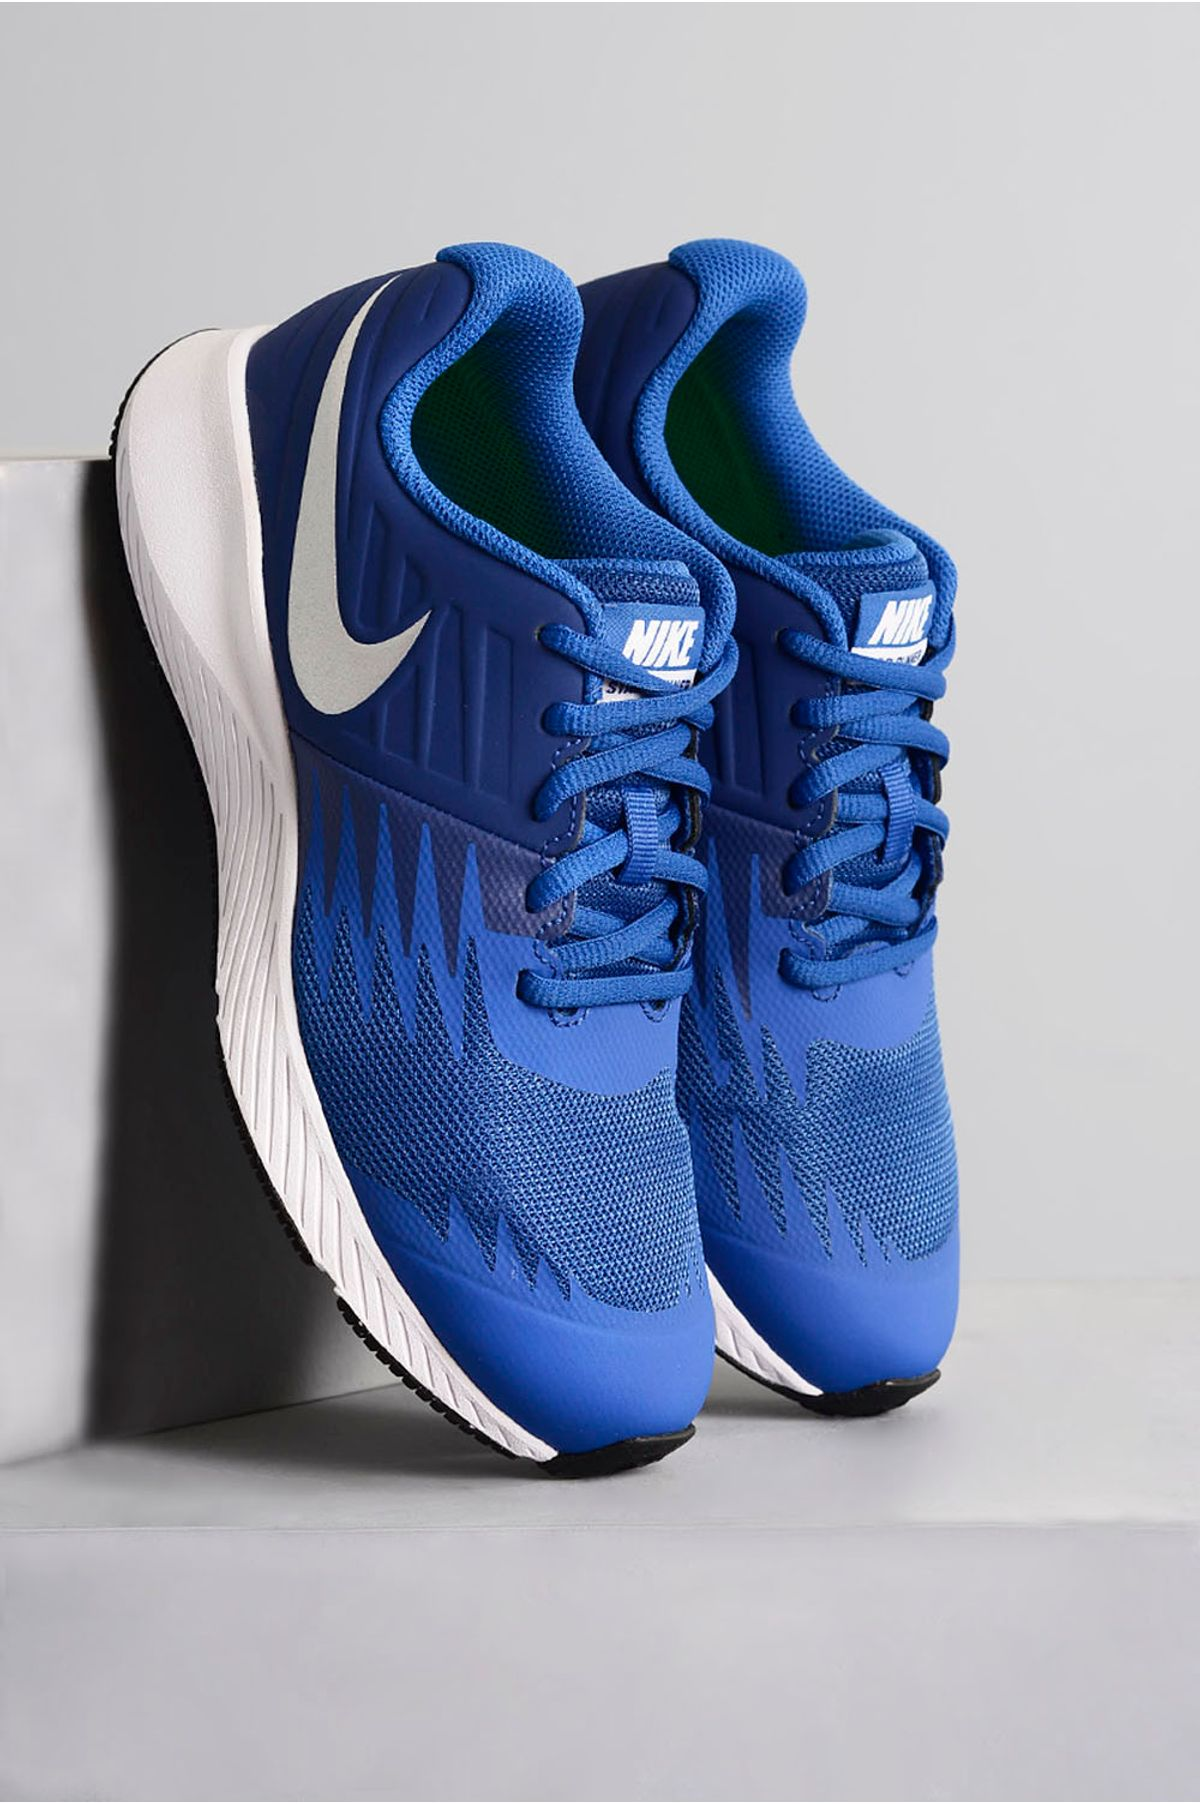 Tênis Infantil Teen Nike Star Runner AZUL - Mundial Calçados 2c9e18151a1e5